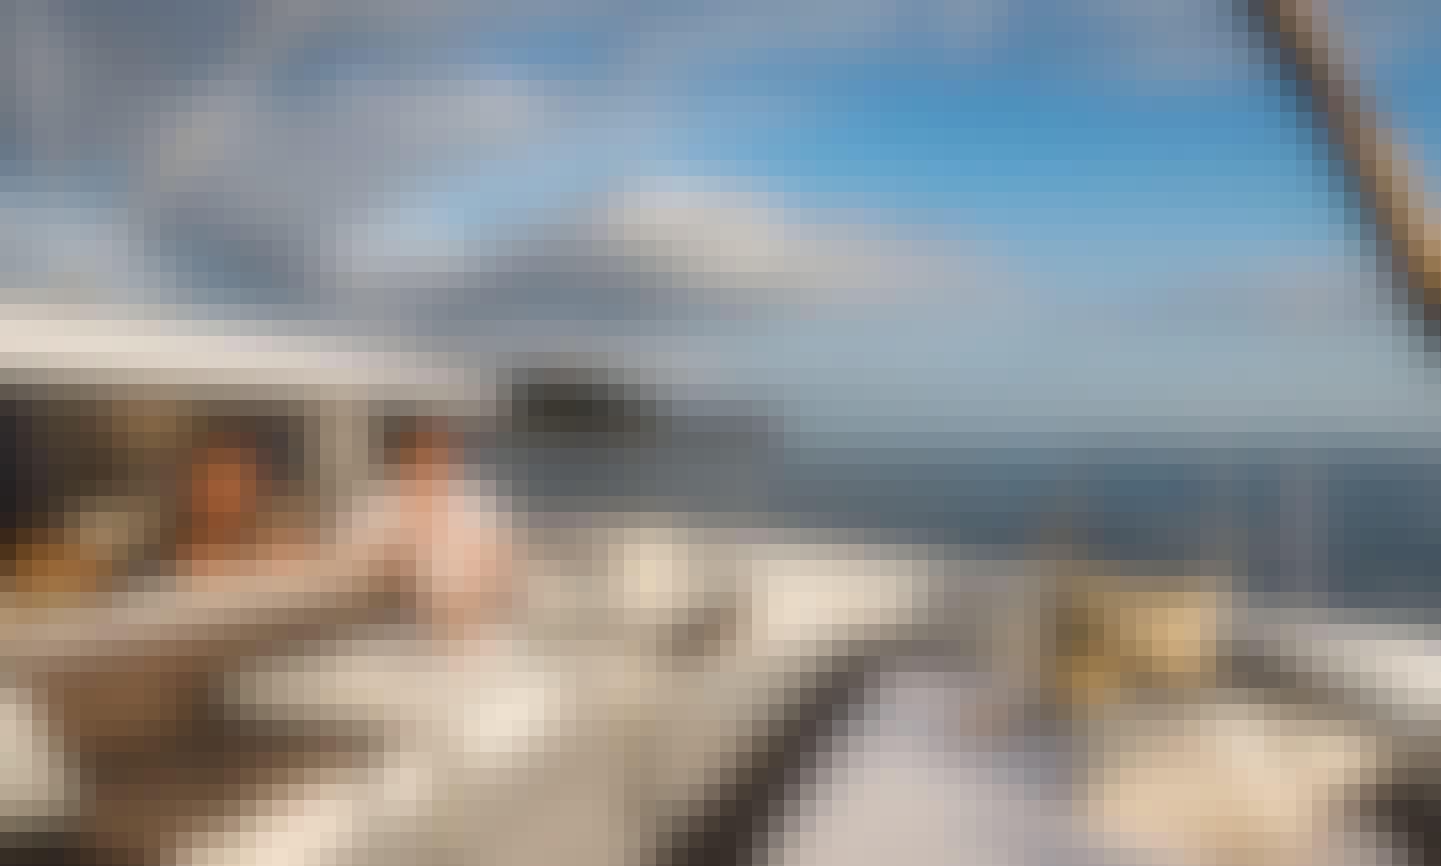 Bali 4.1 Sailing Catamaran for 12 People in Playa Blanca, Spain